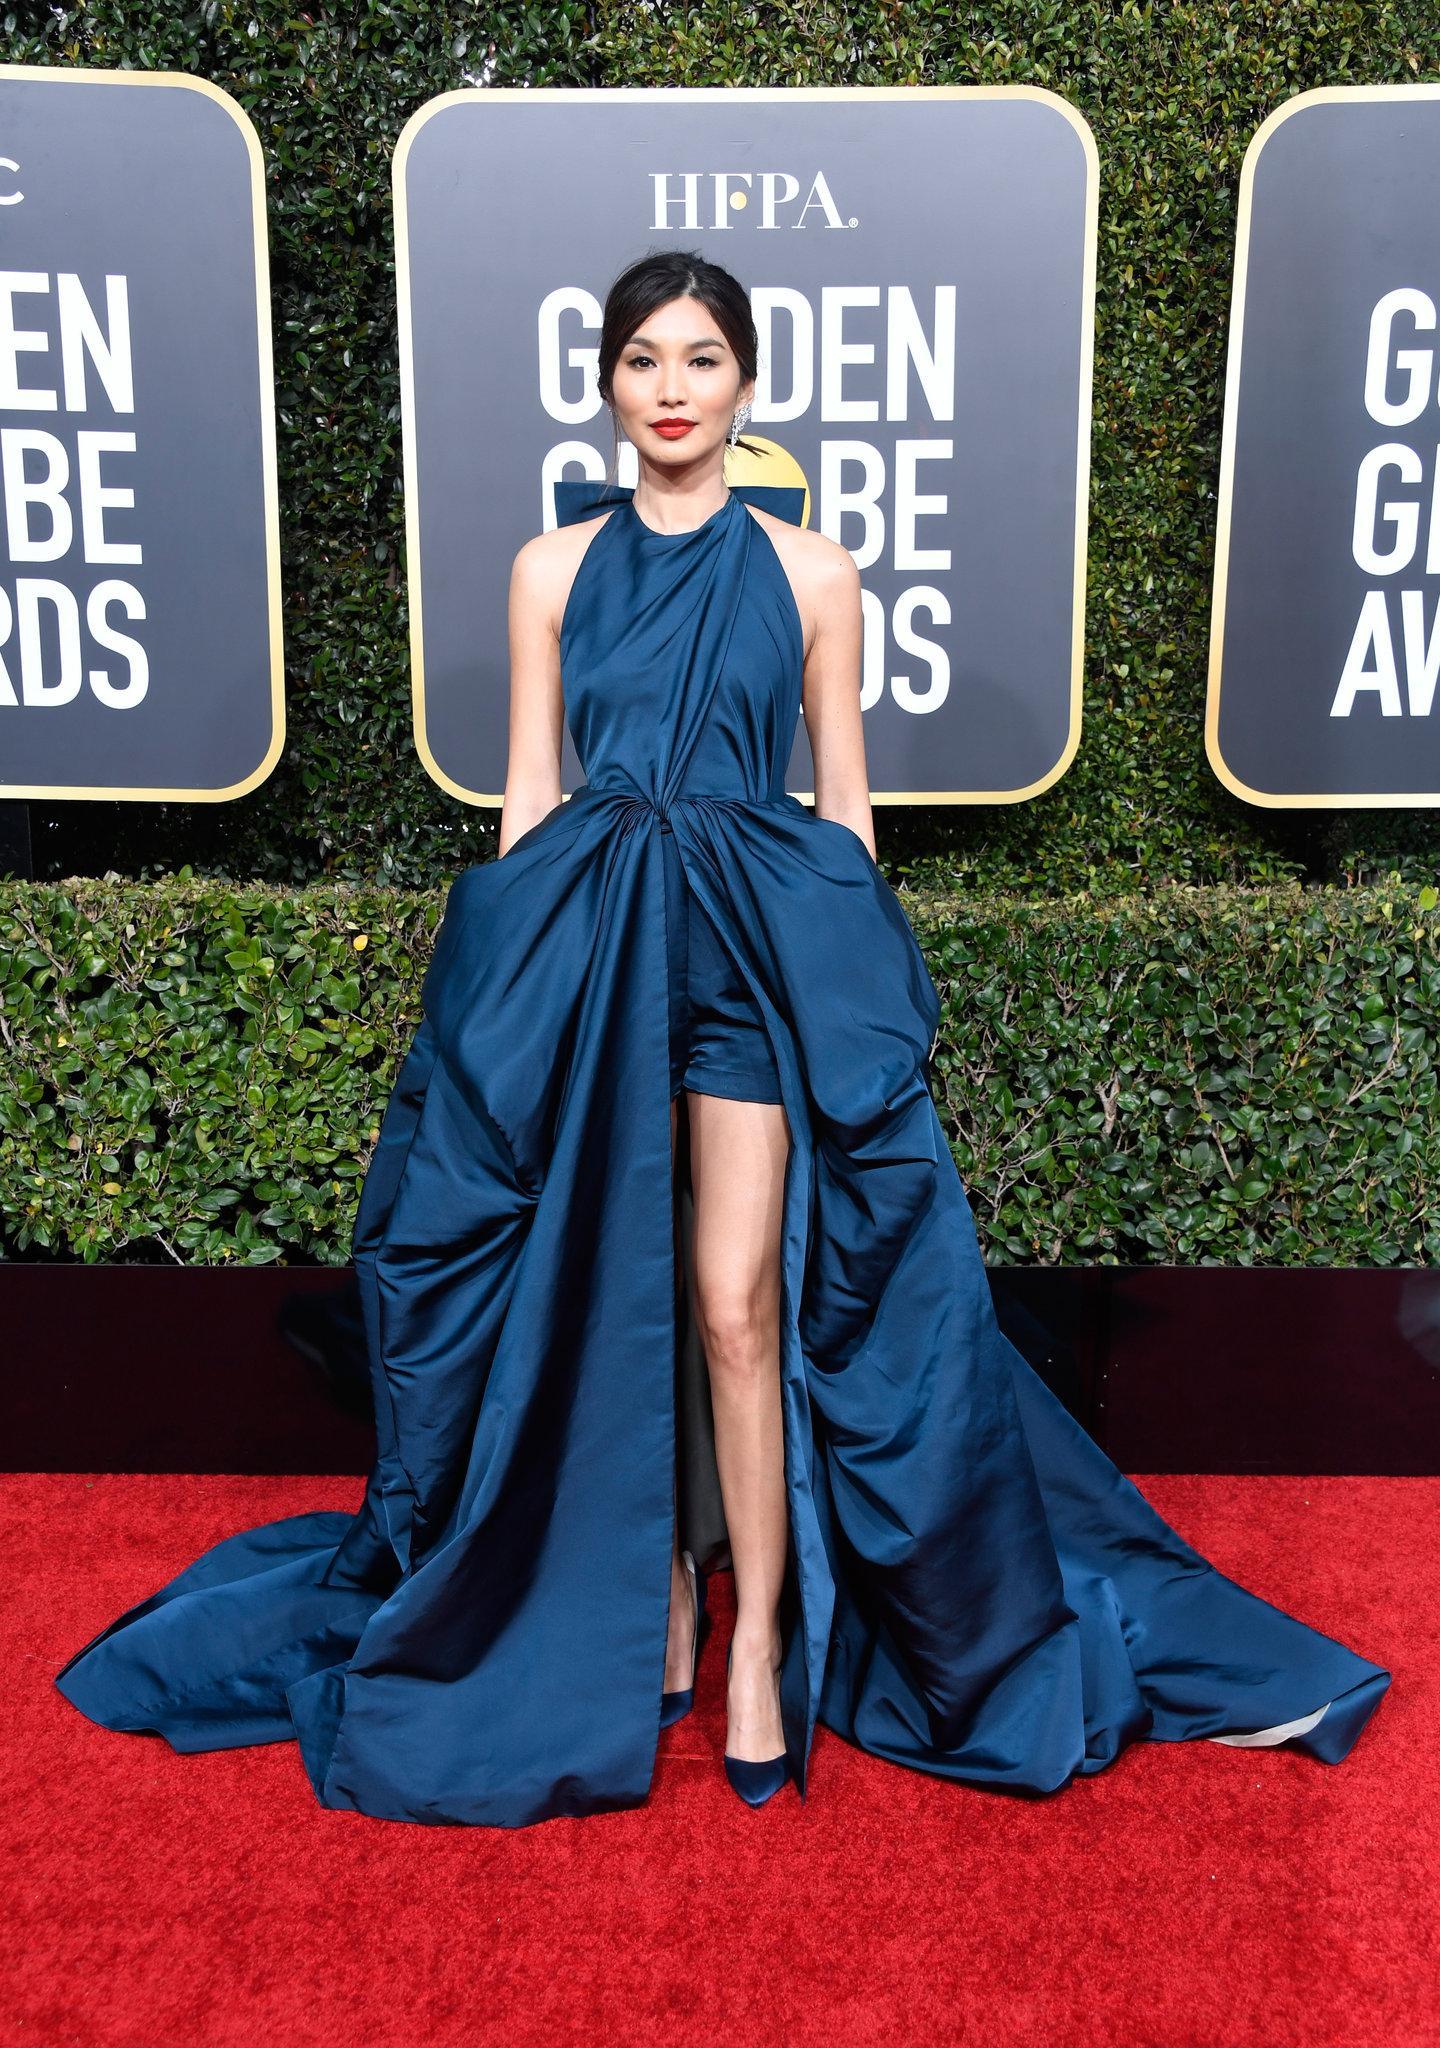 The 2019 Golden Globe Award Red Carpet